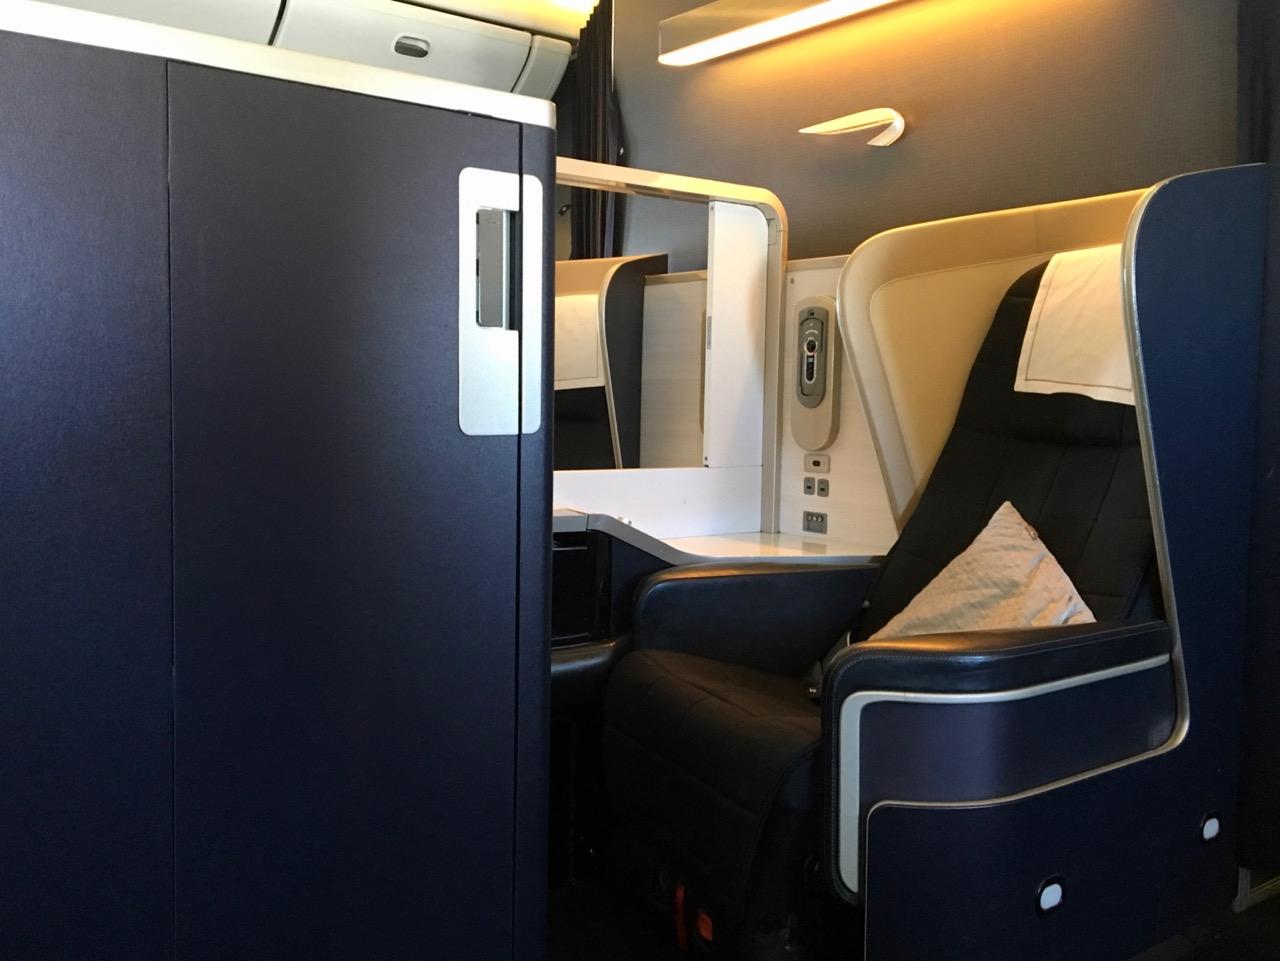 British Airways 777 First Class seat